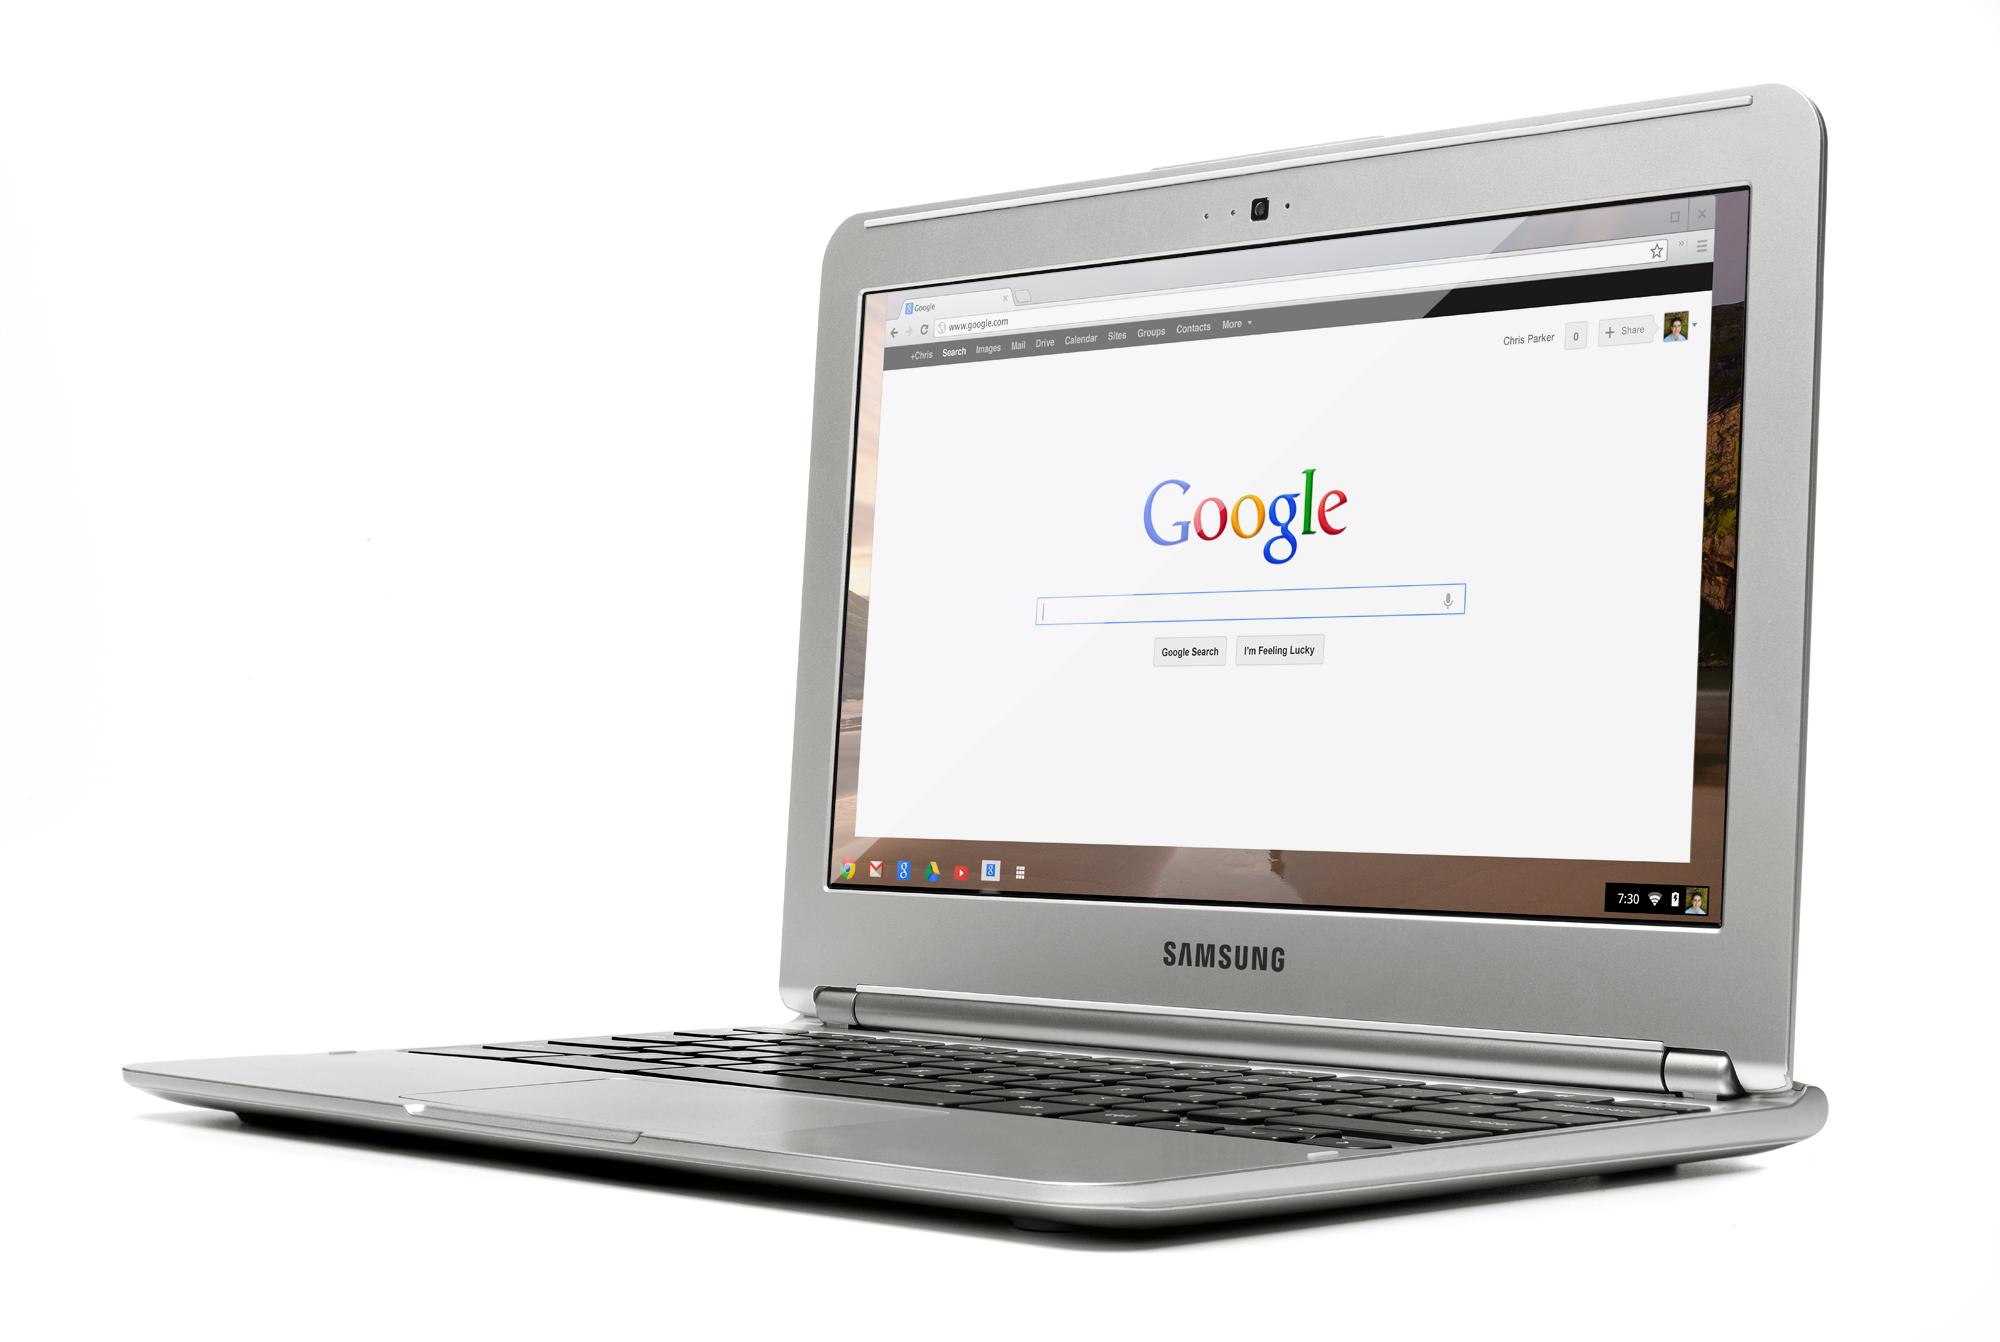 Formation - Chromebook de Google pour les utilisateurs : maîtriser l'outil & optimiser son utilisation   e-good